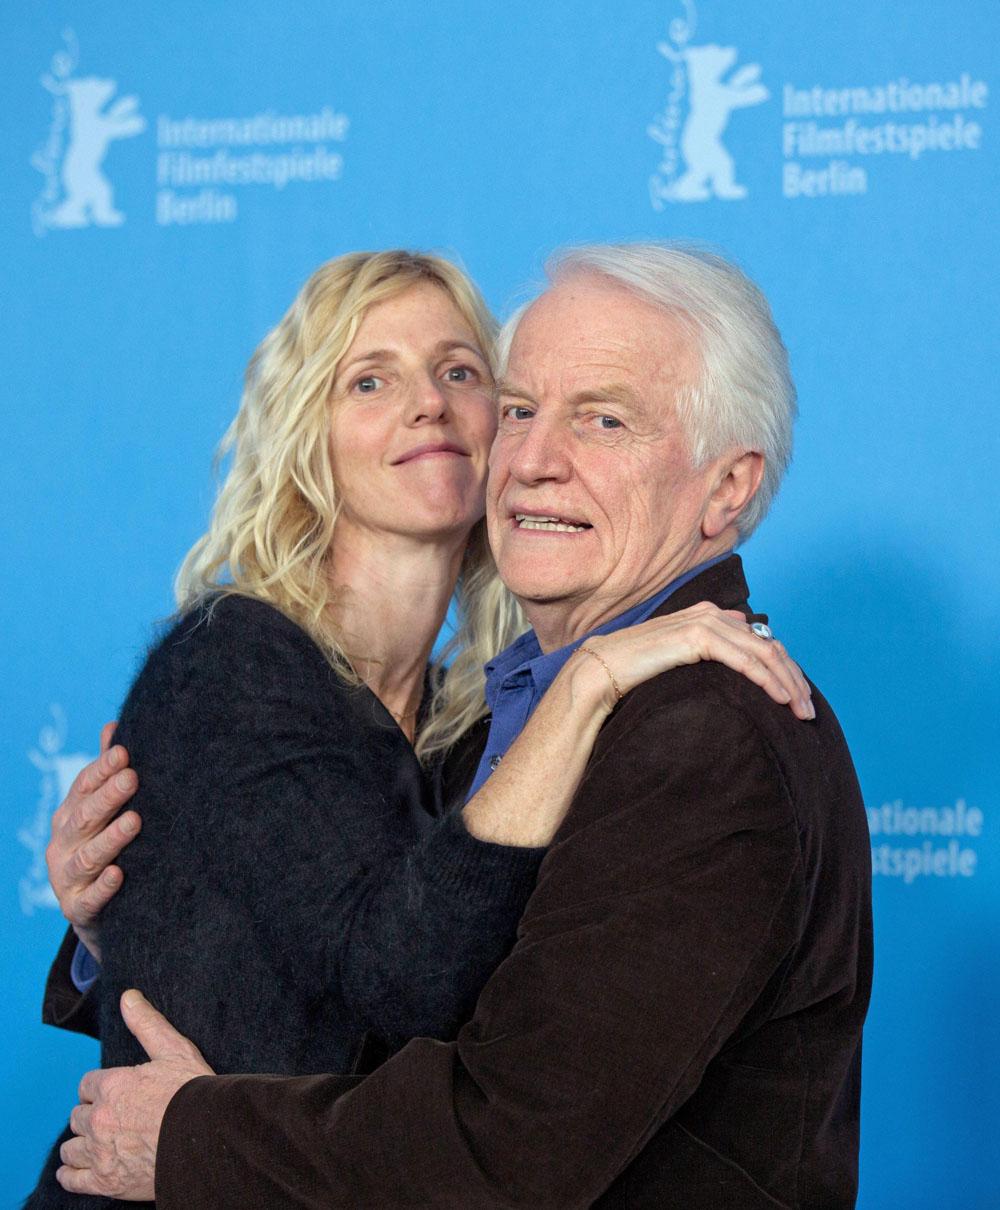 In foto André Dussollier (75 anni) Dall'articolo: Berlinale 2014, è di scena la Germania.